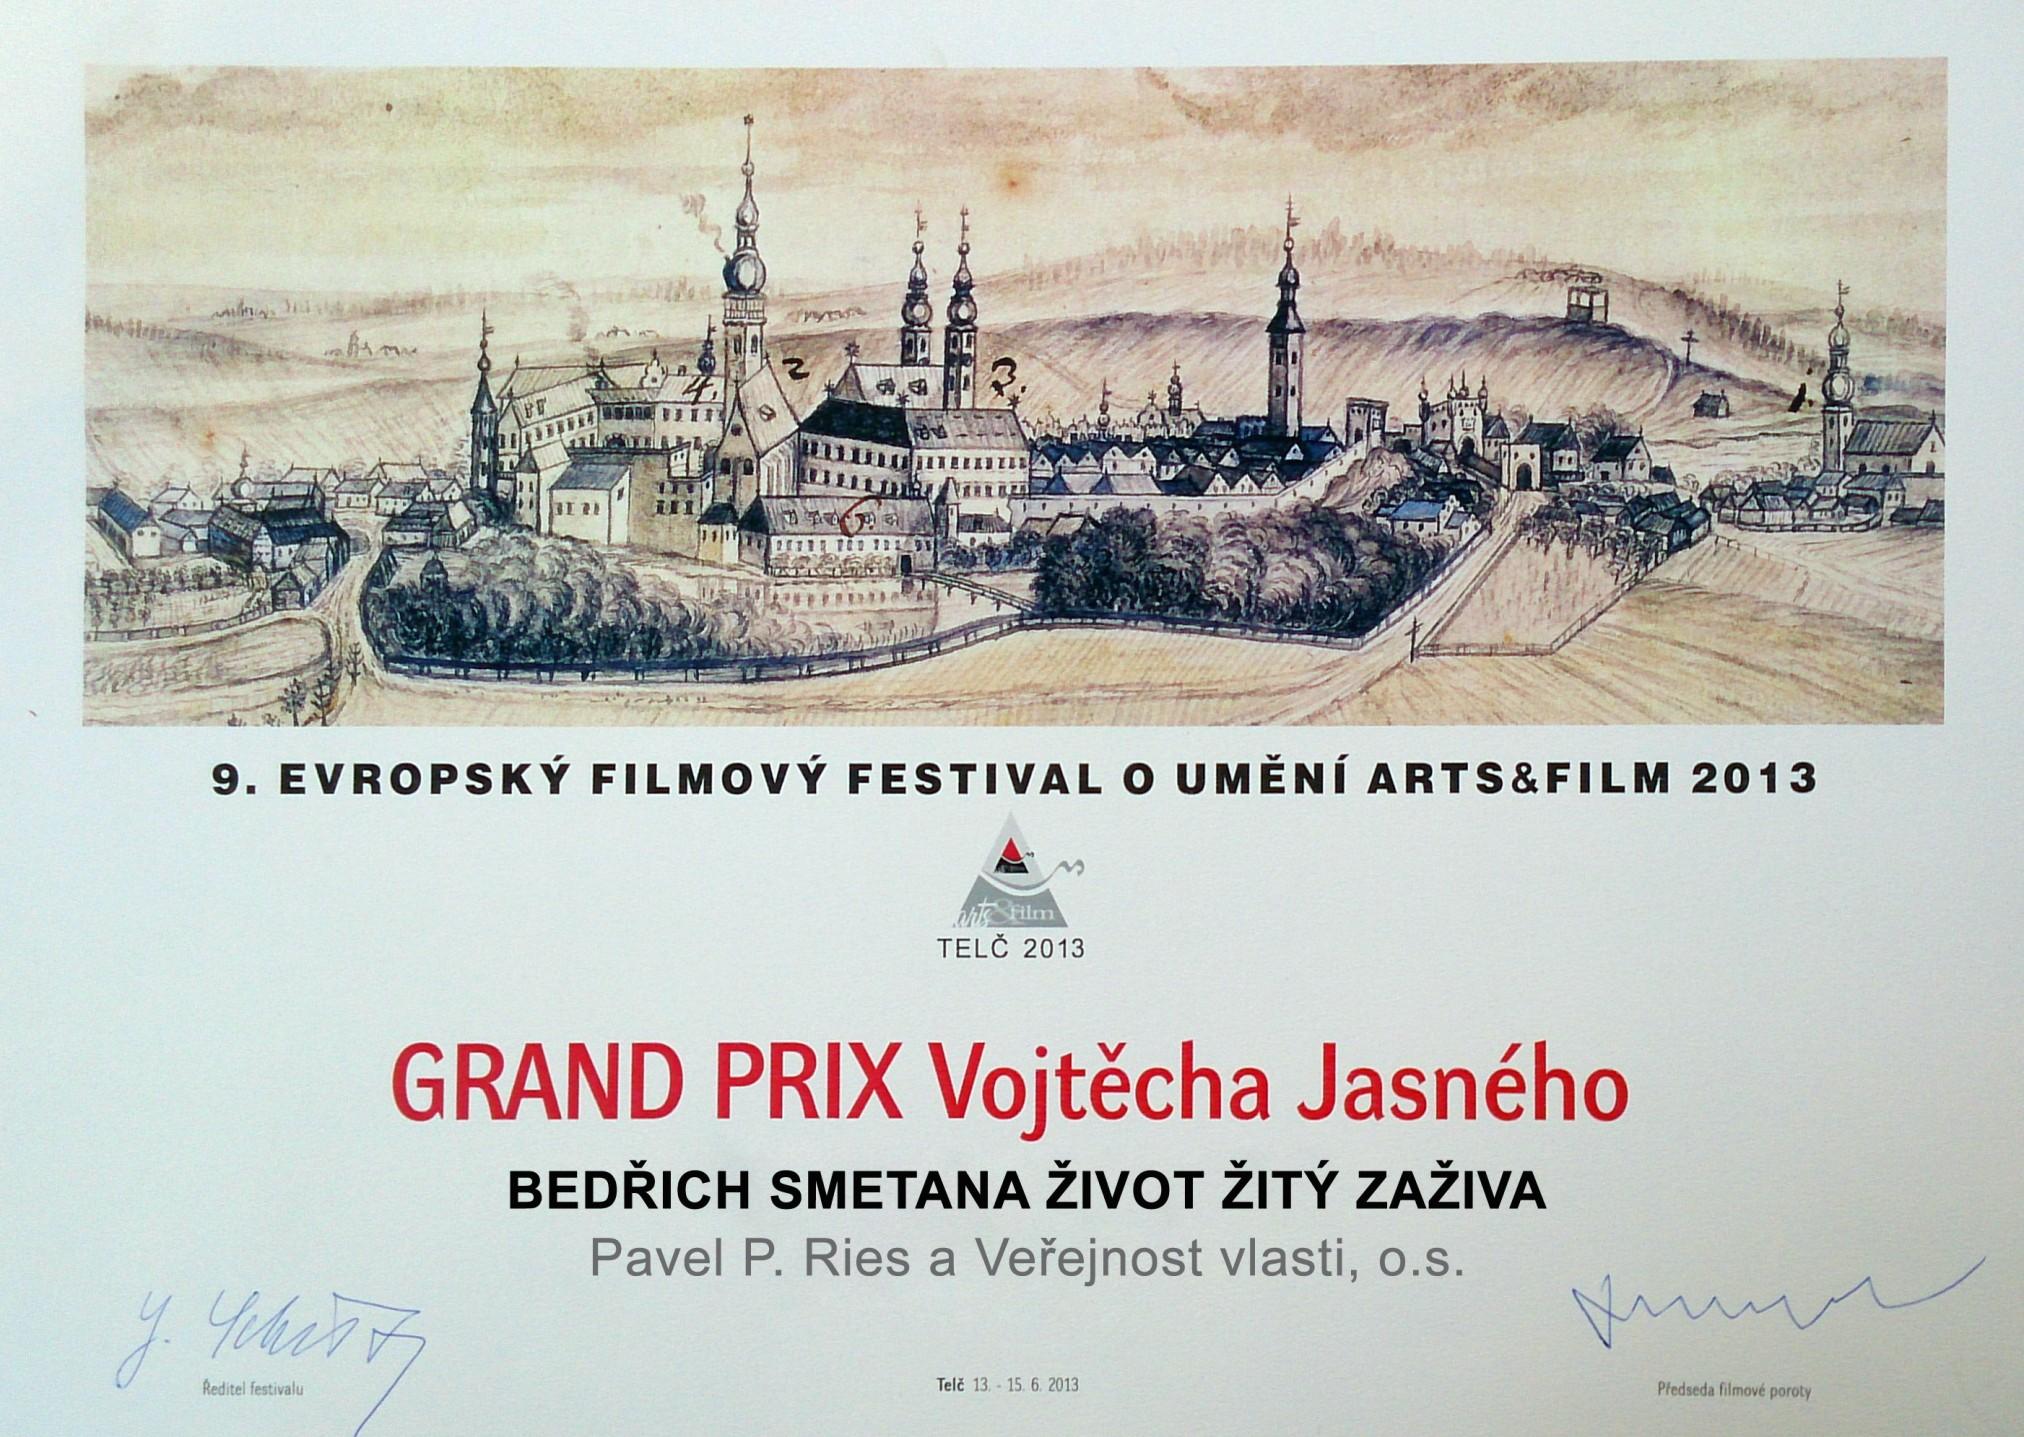 Diplom ke GP Vojtěcha Jasného